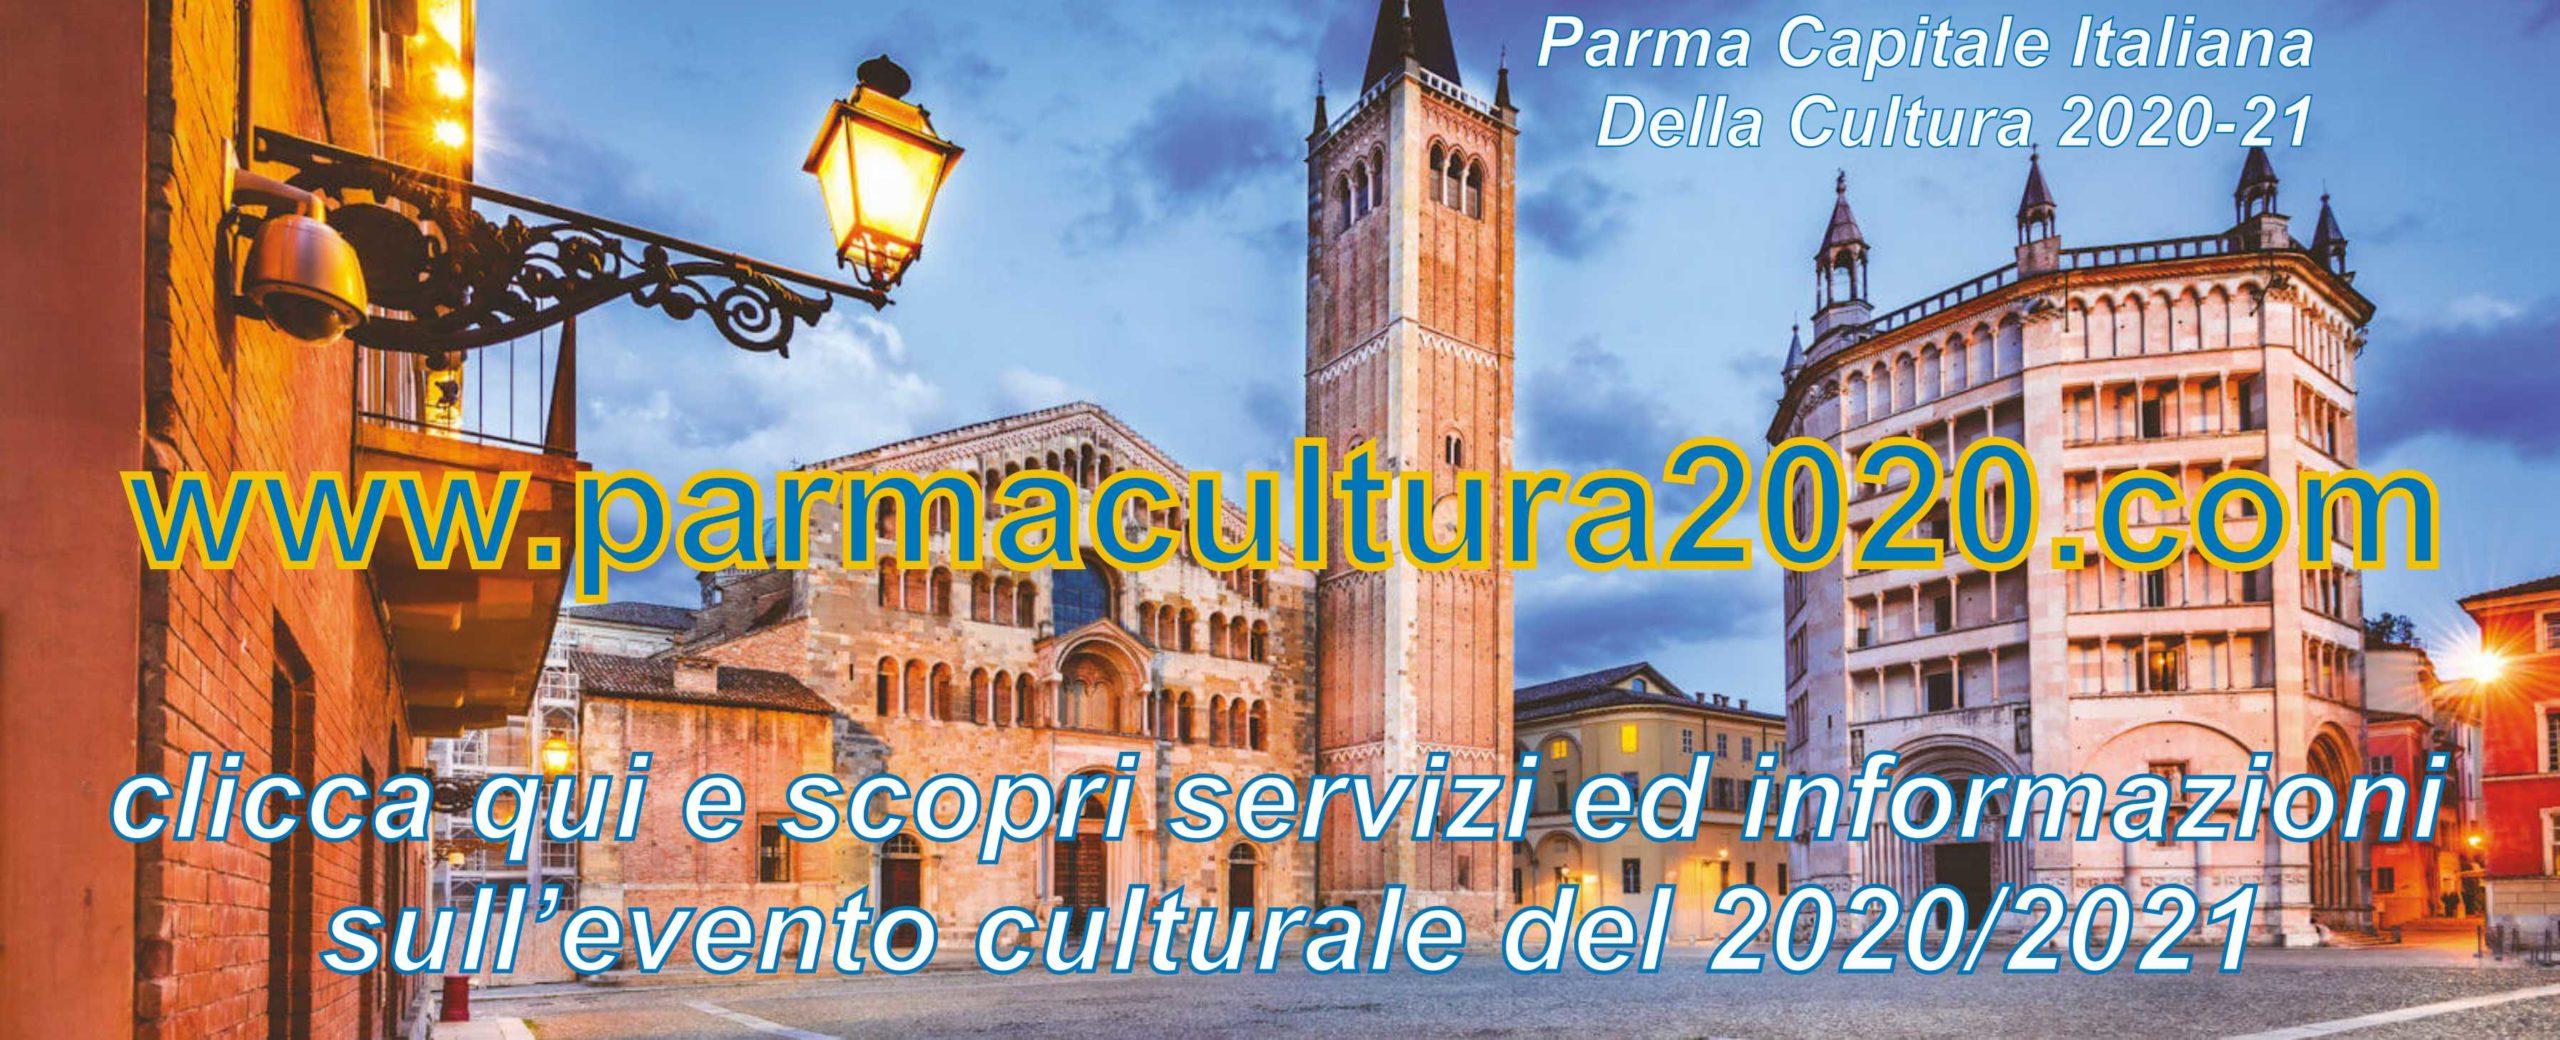 01 - Parma 2021